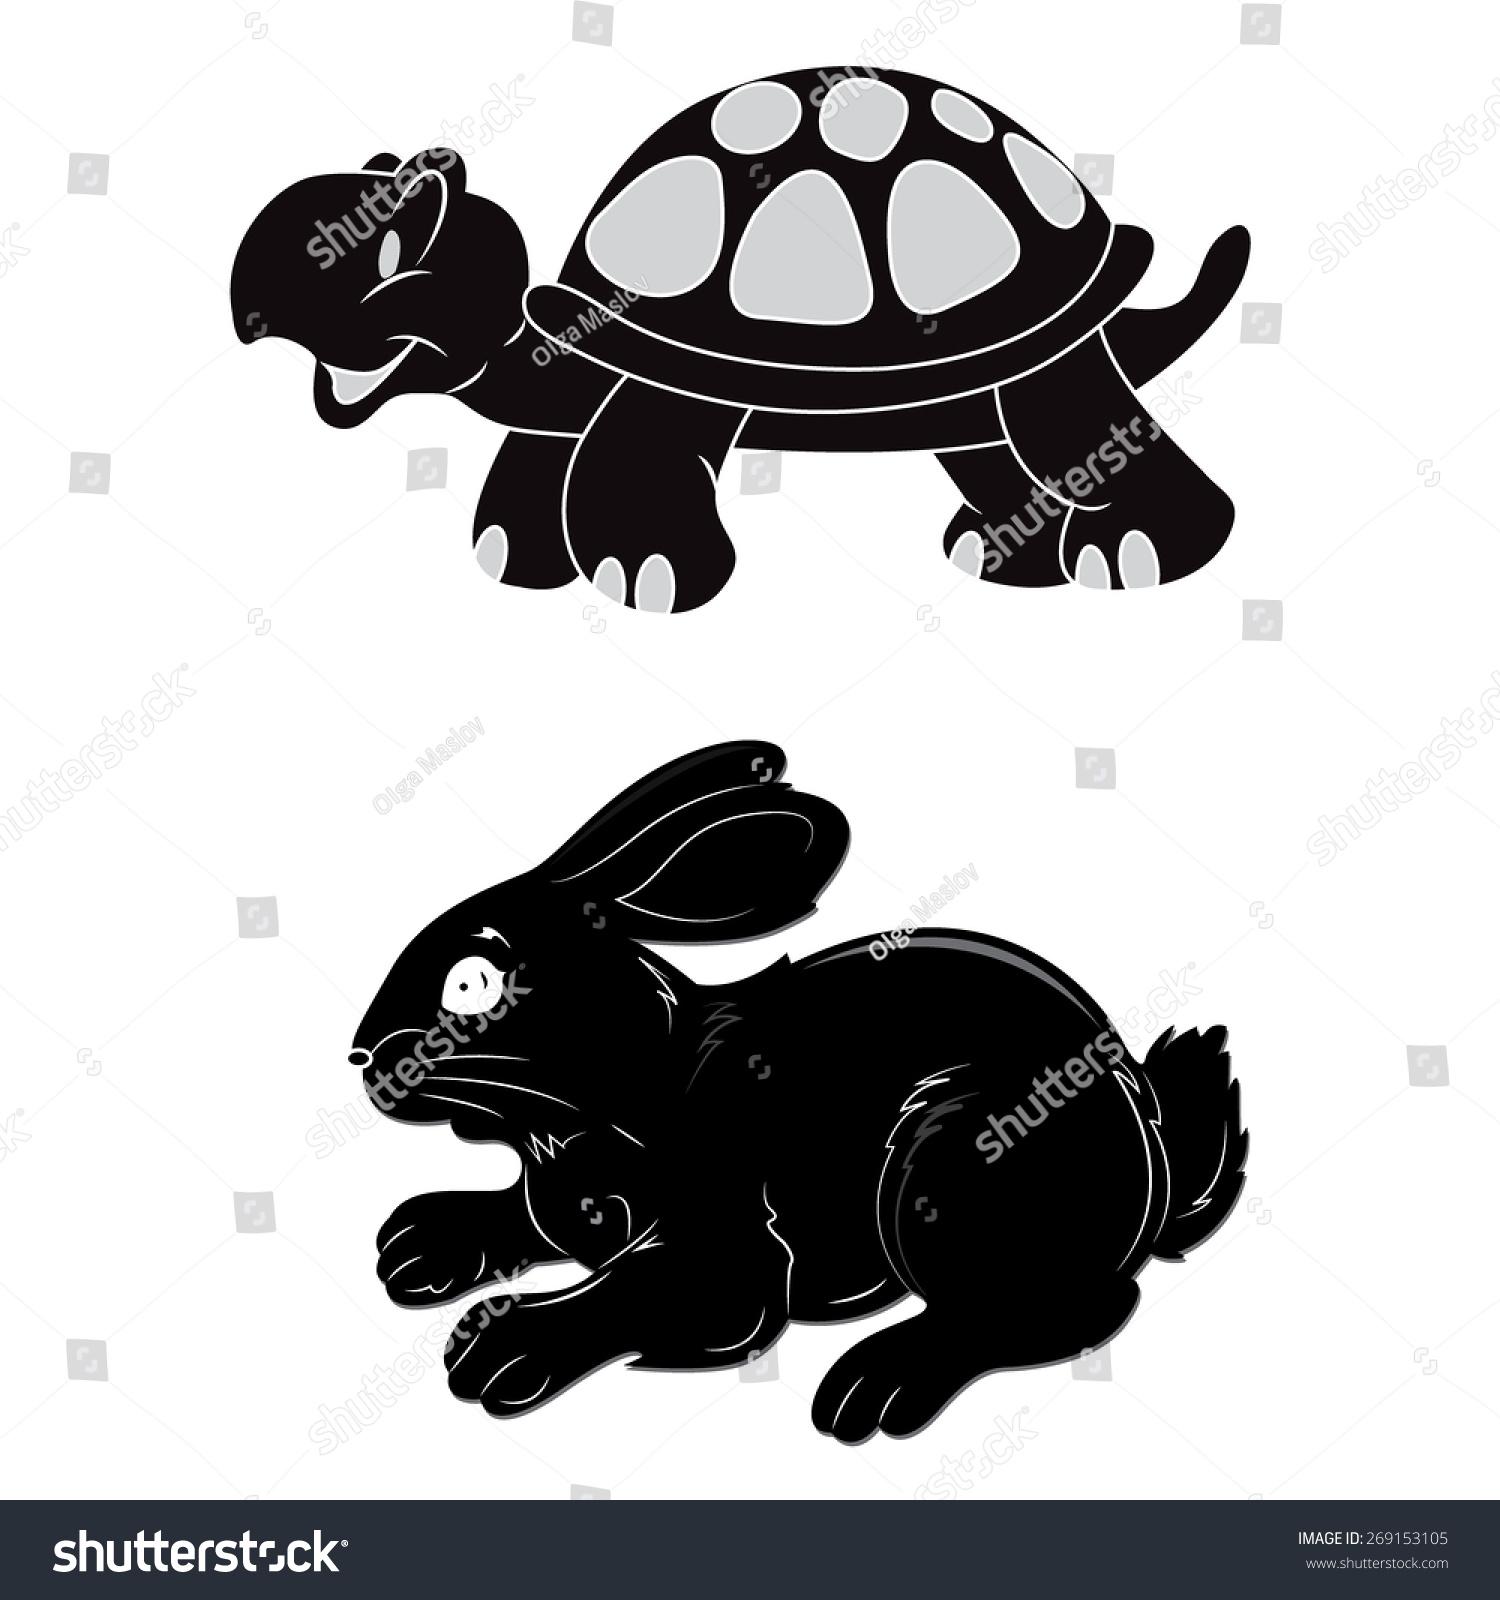 兔子,乌龟,速度,剪贴画-动物/野生生物